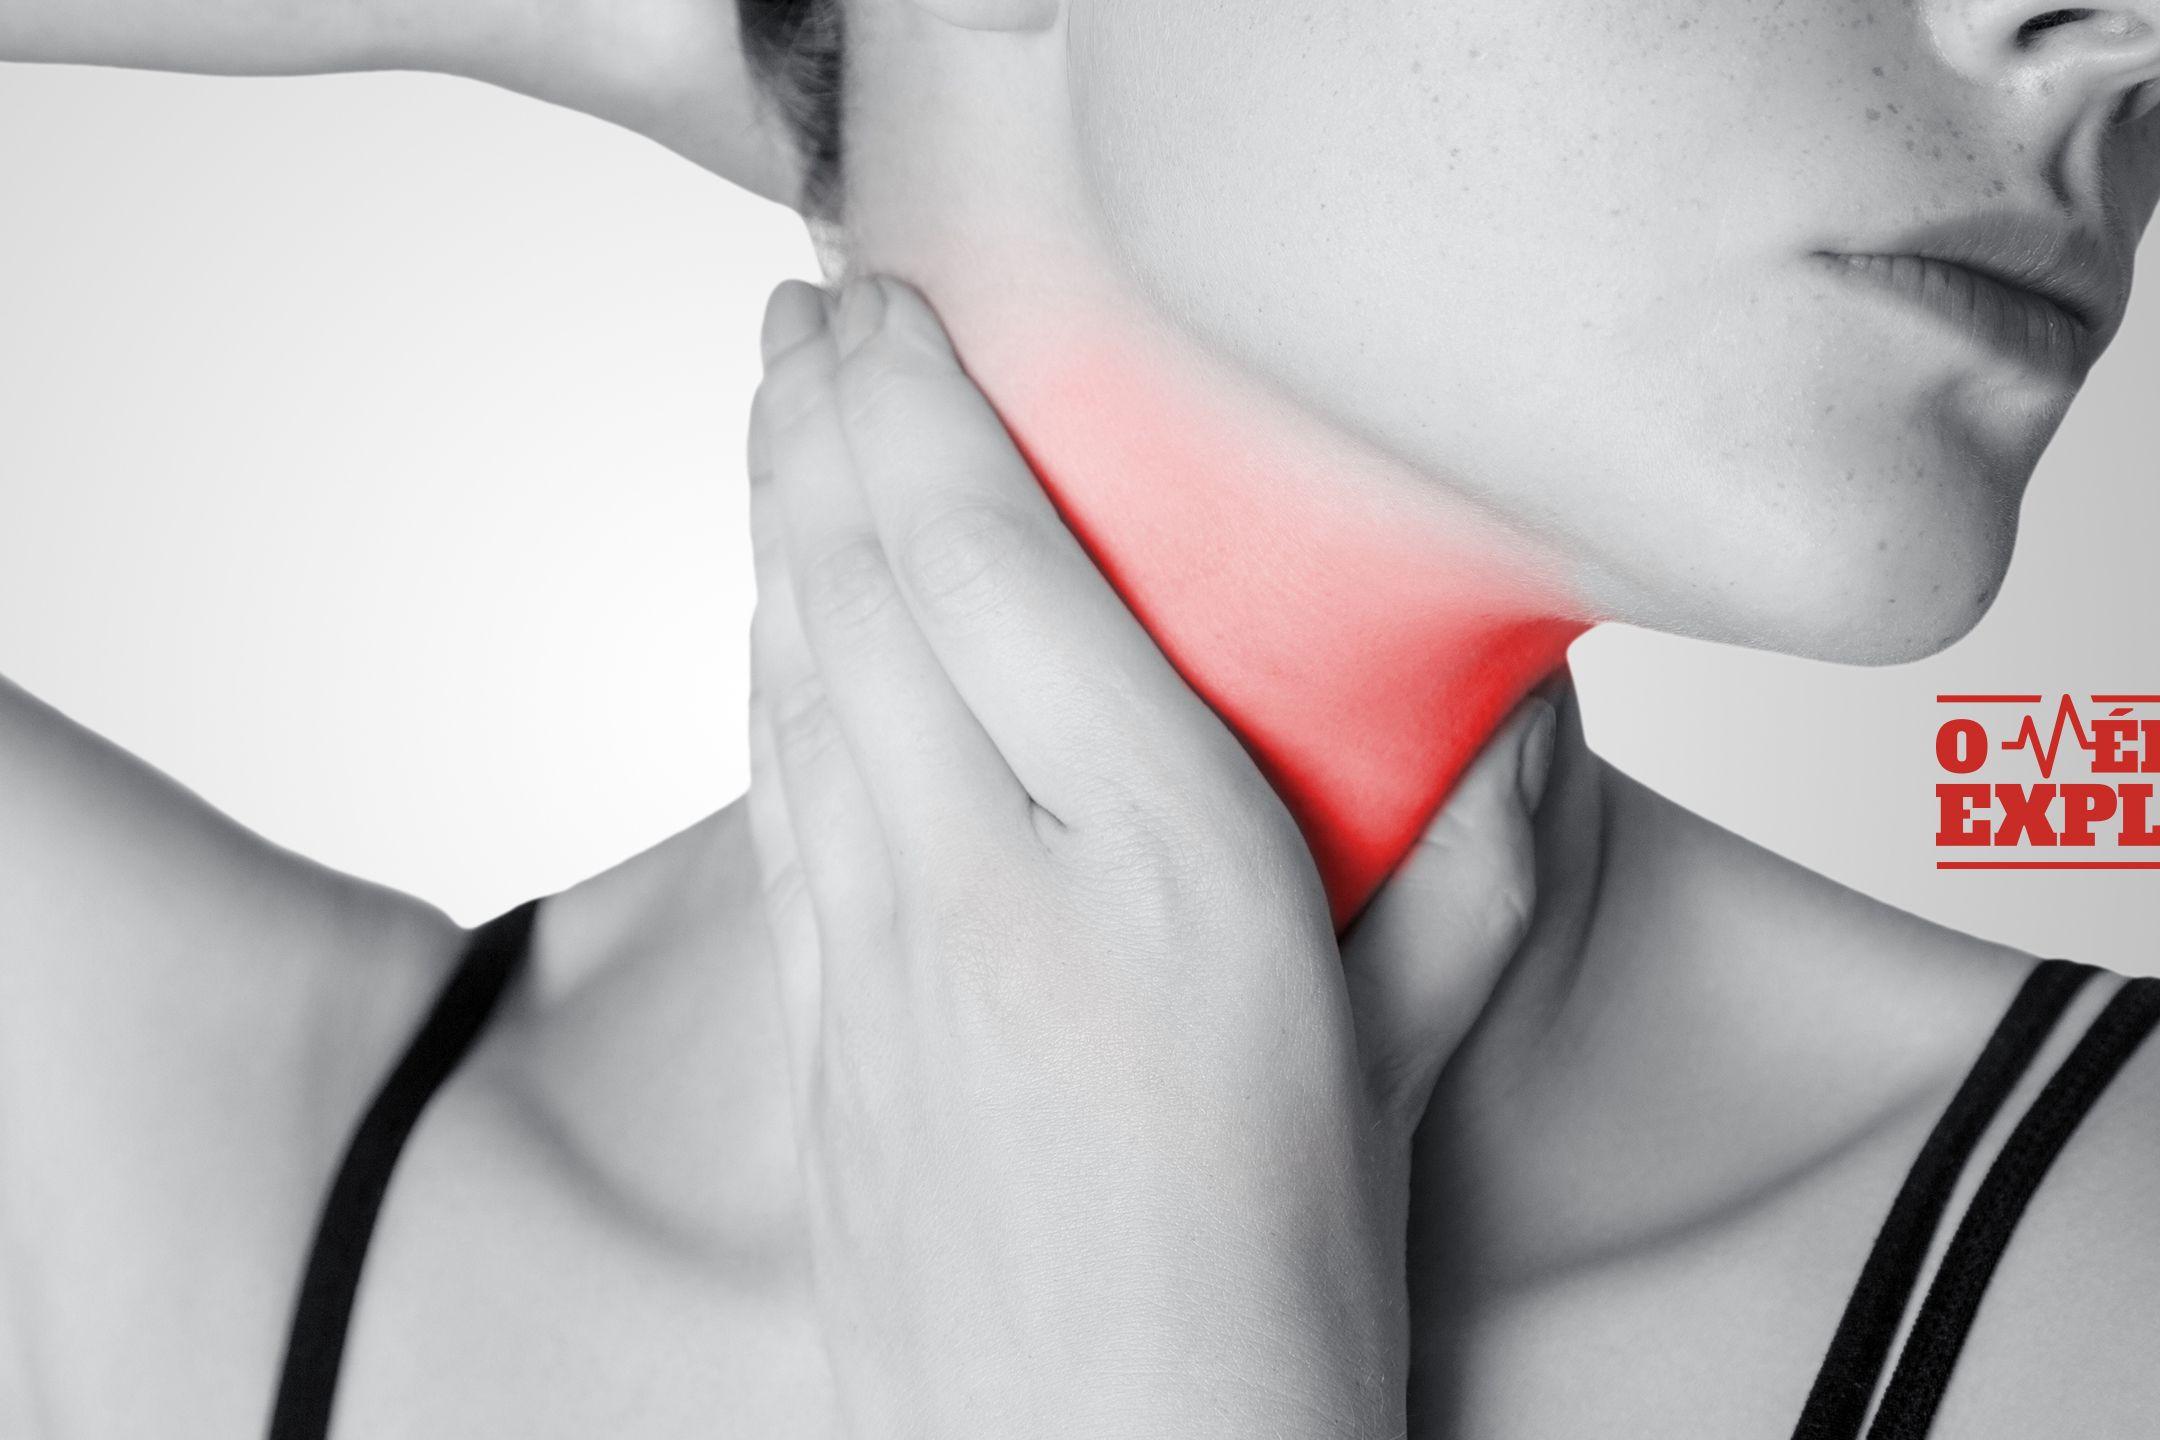 O médico explica: Tudo o que deve saber sobre cancro na cabeça e pescoço